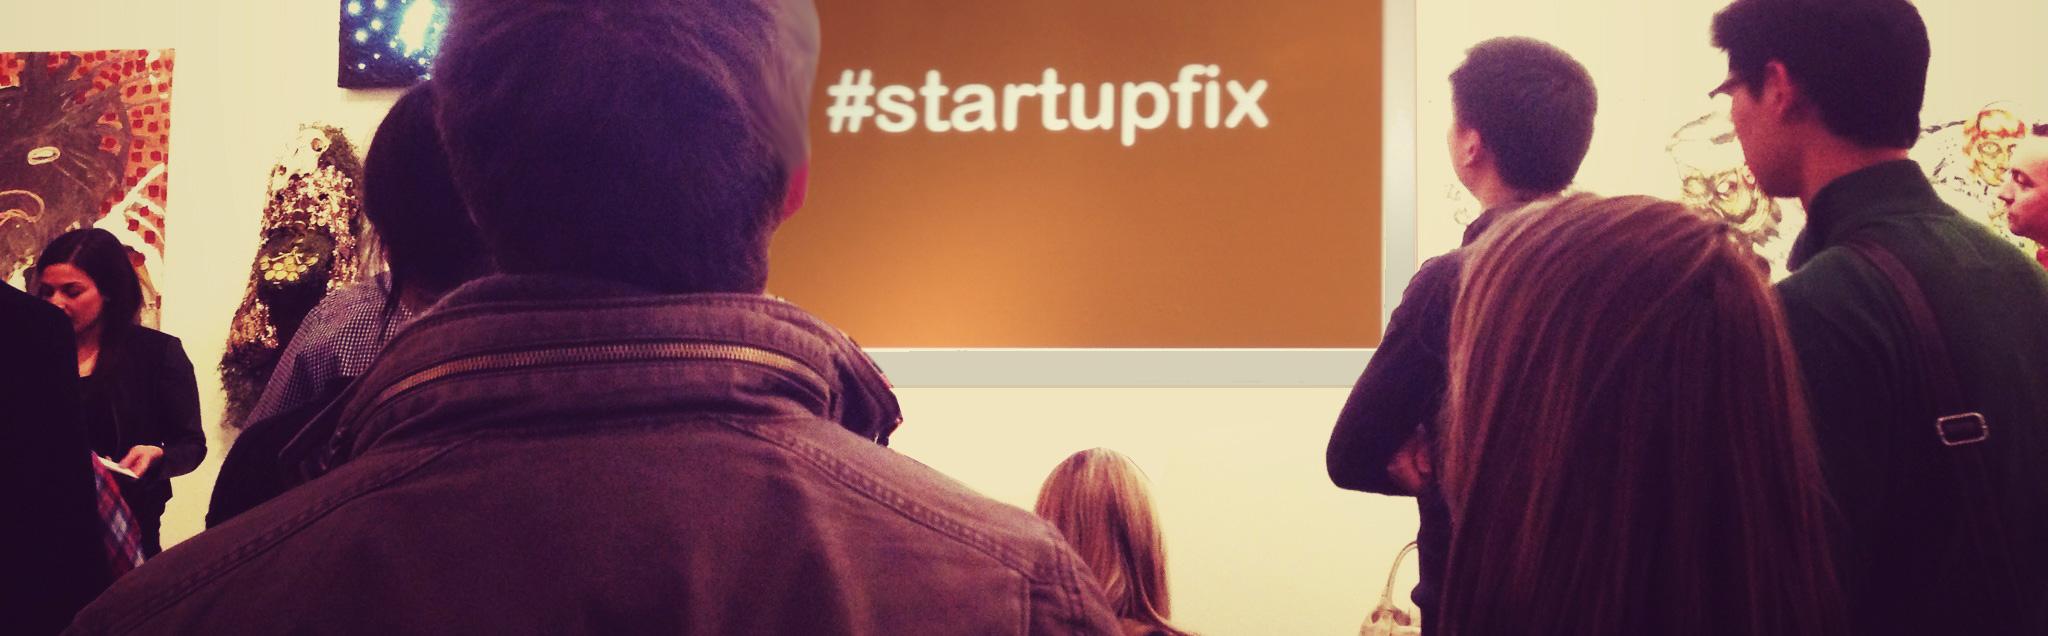 #Startupfix